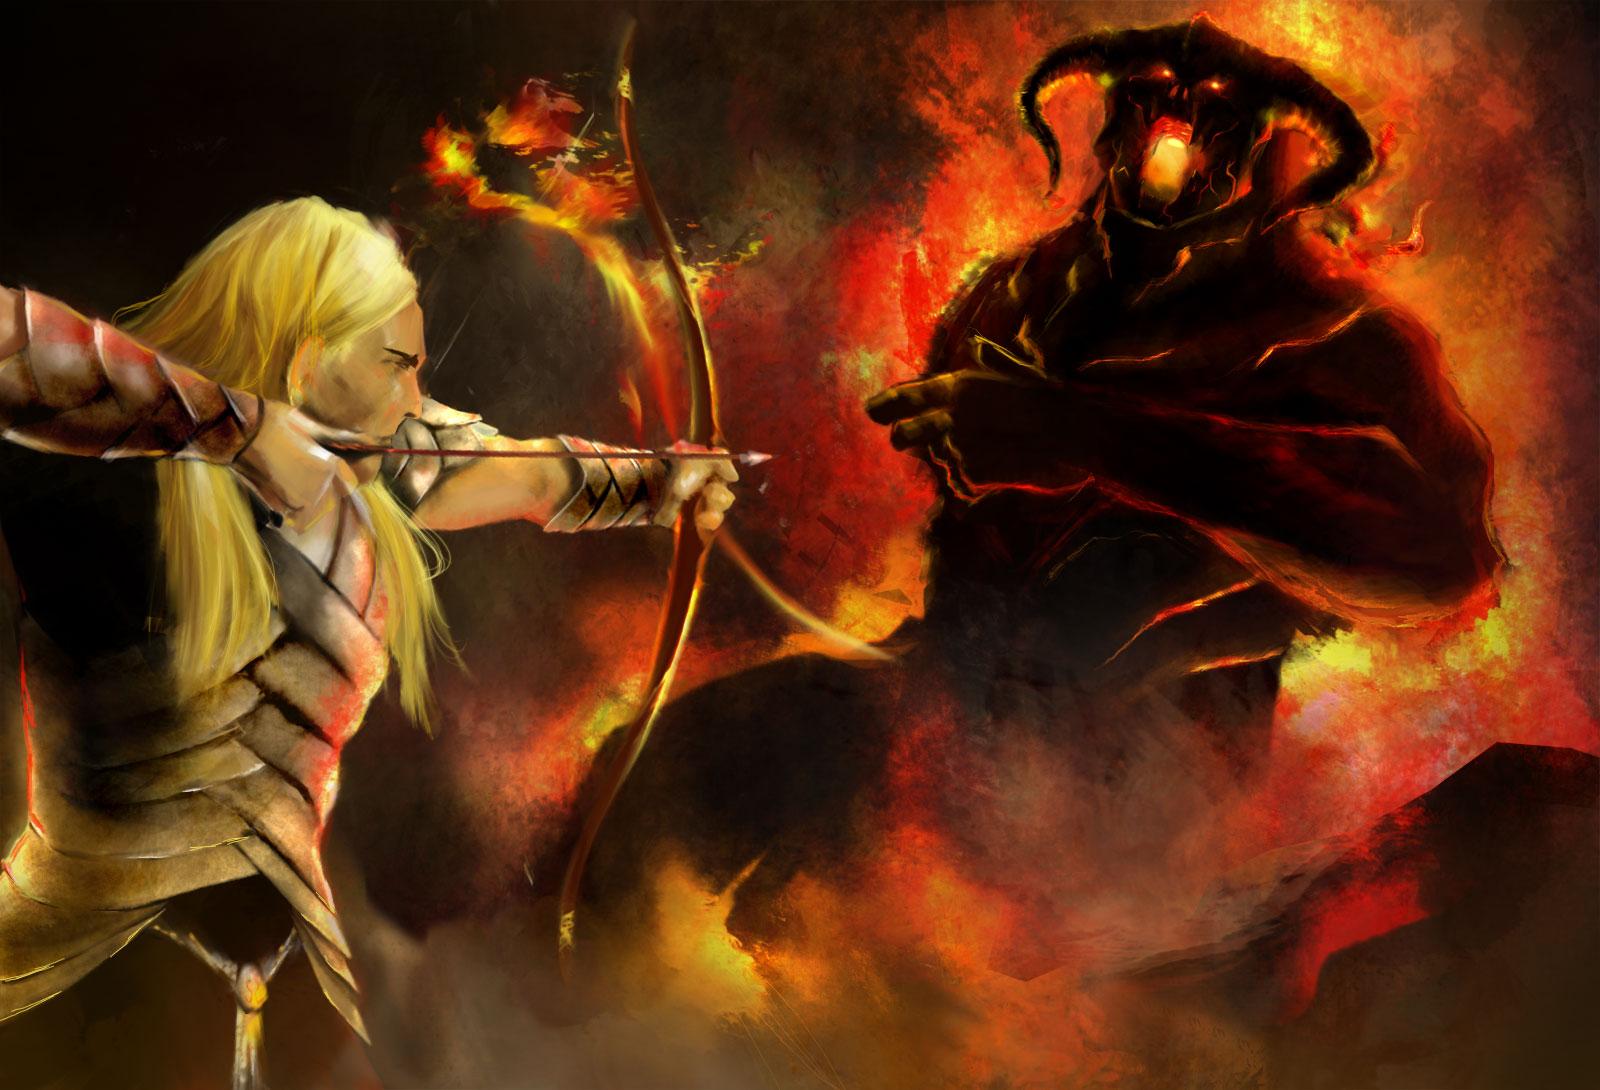 Glorfindel-vs-the-Balrog by HectorBetancur on DeviantArt